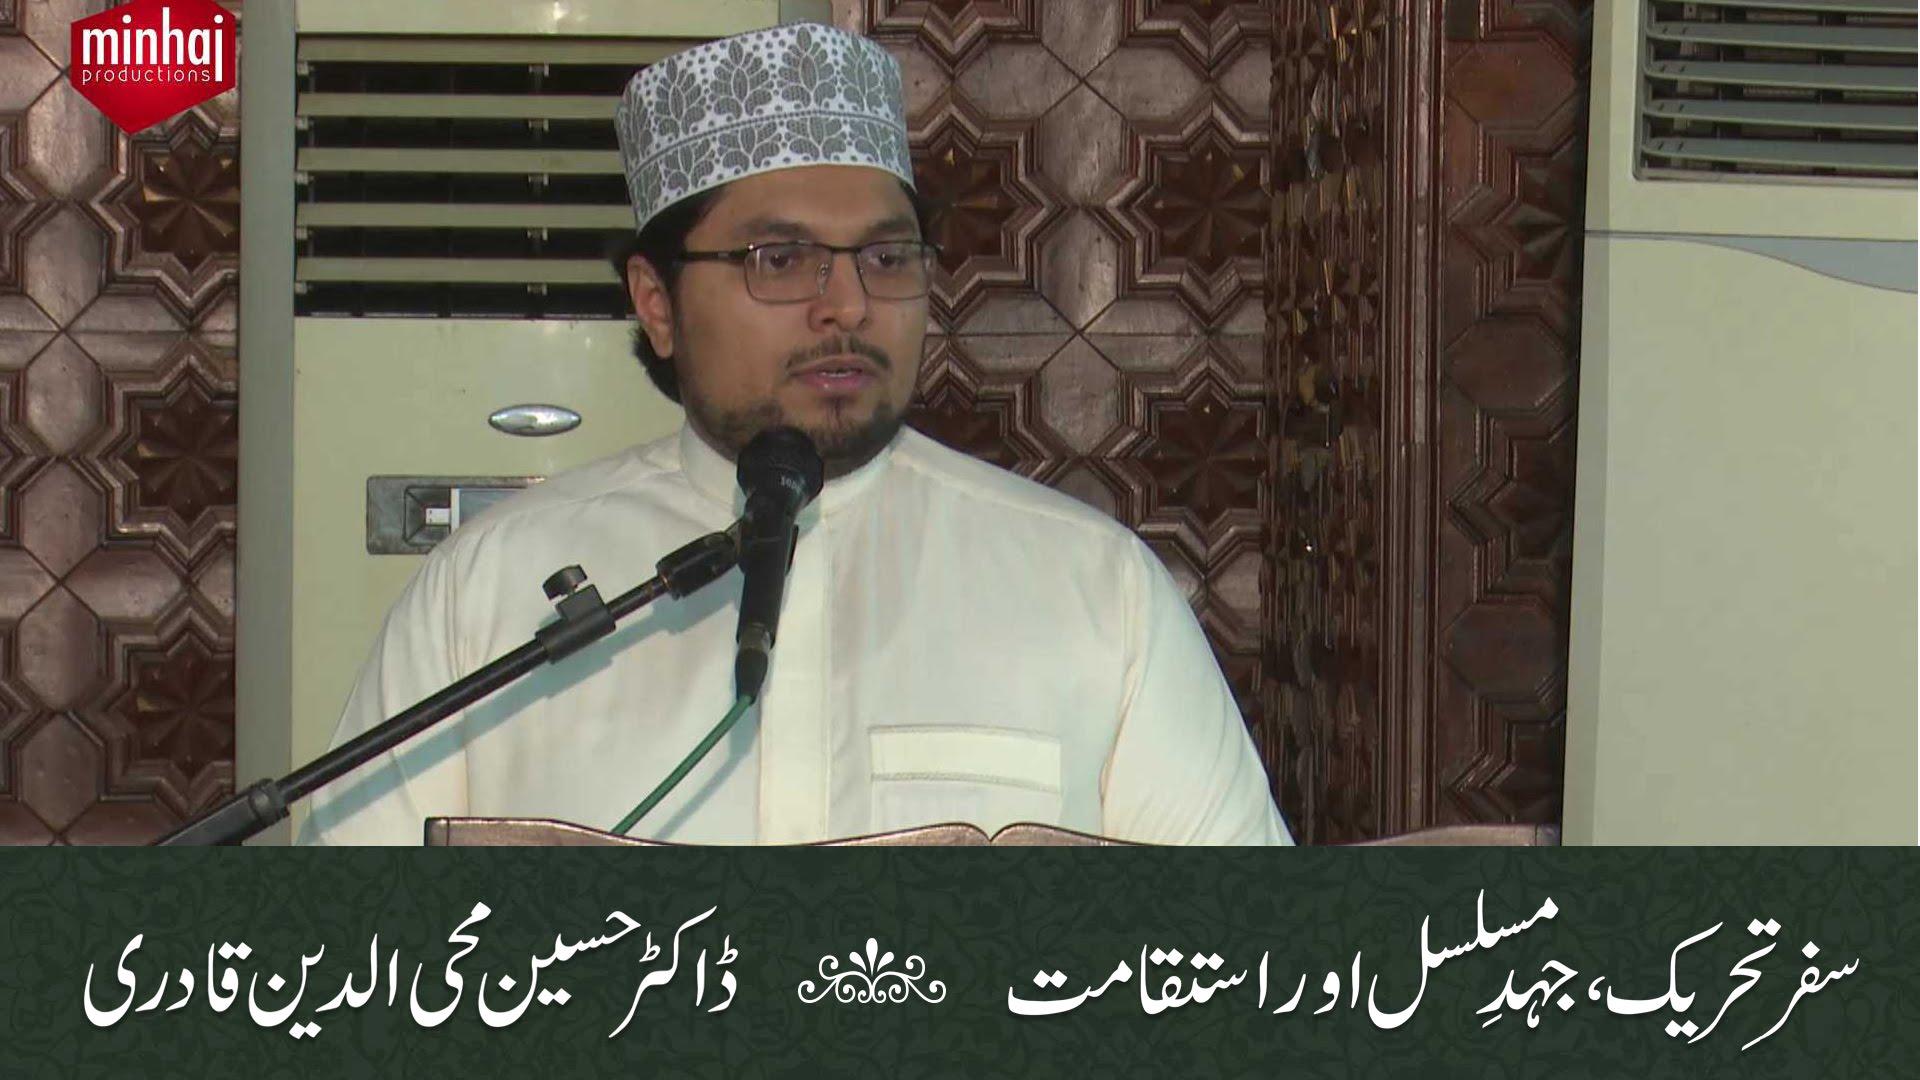 Itikaf 2016: Safar-e-Tehreek, Juhd-e-Musalsal aur Istiqamat - by Dr Hussain Mohi ud Din Qadri